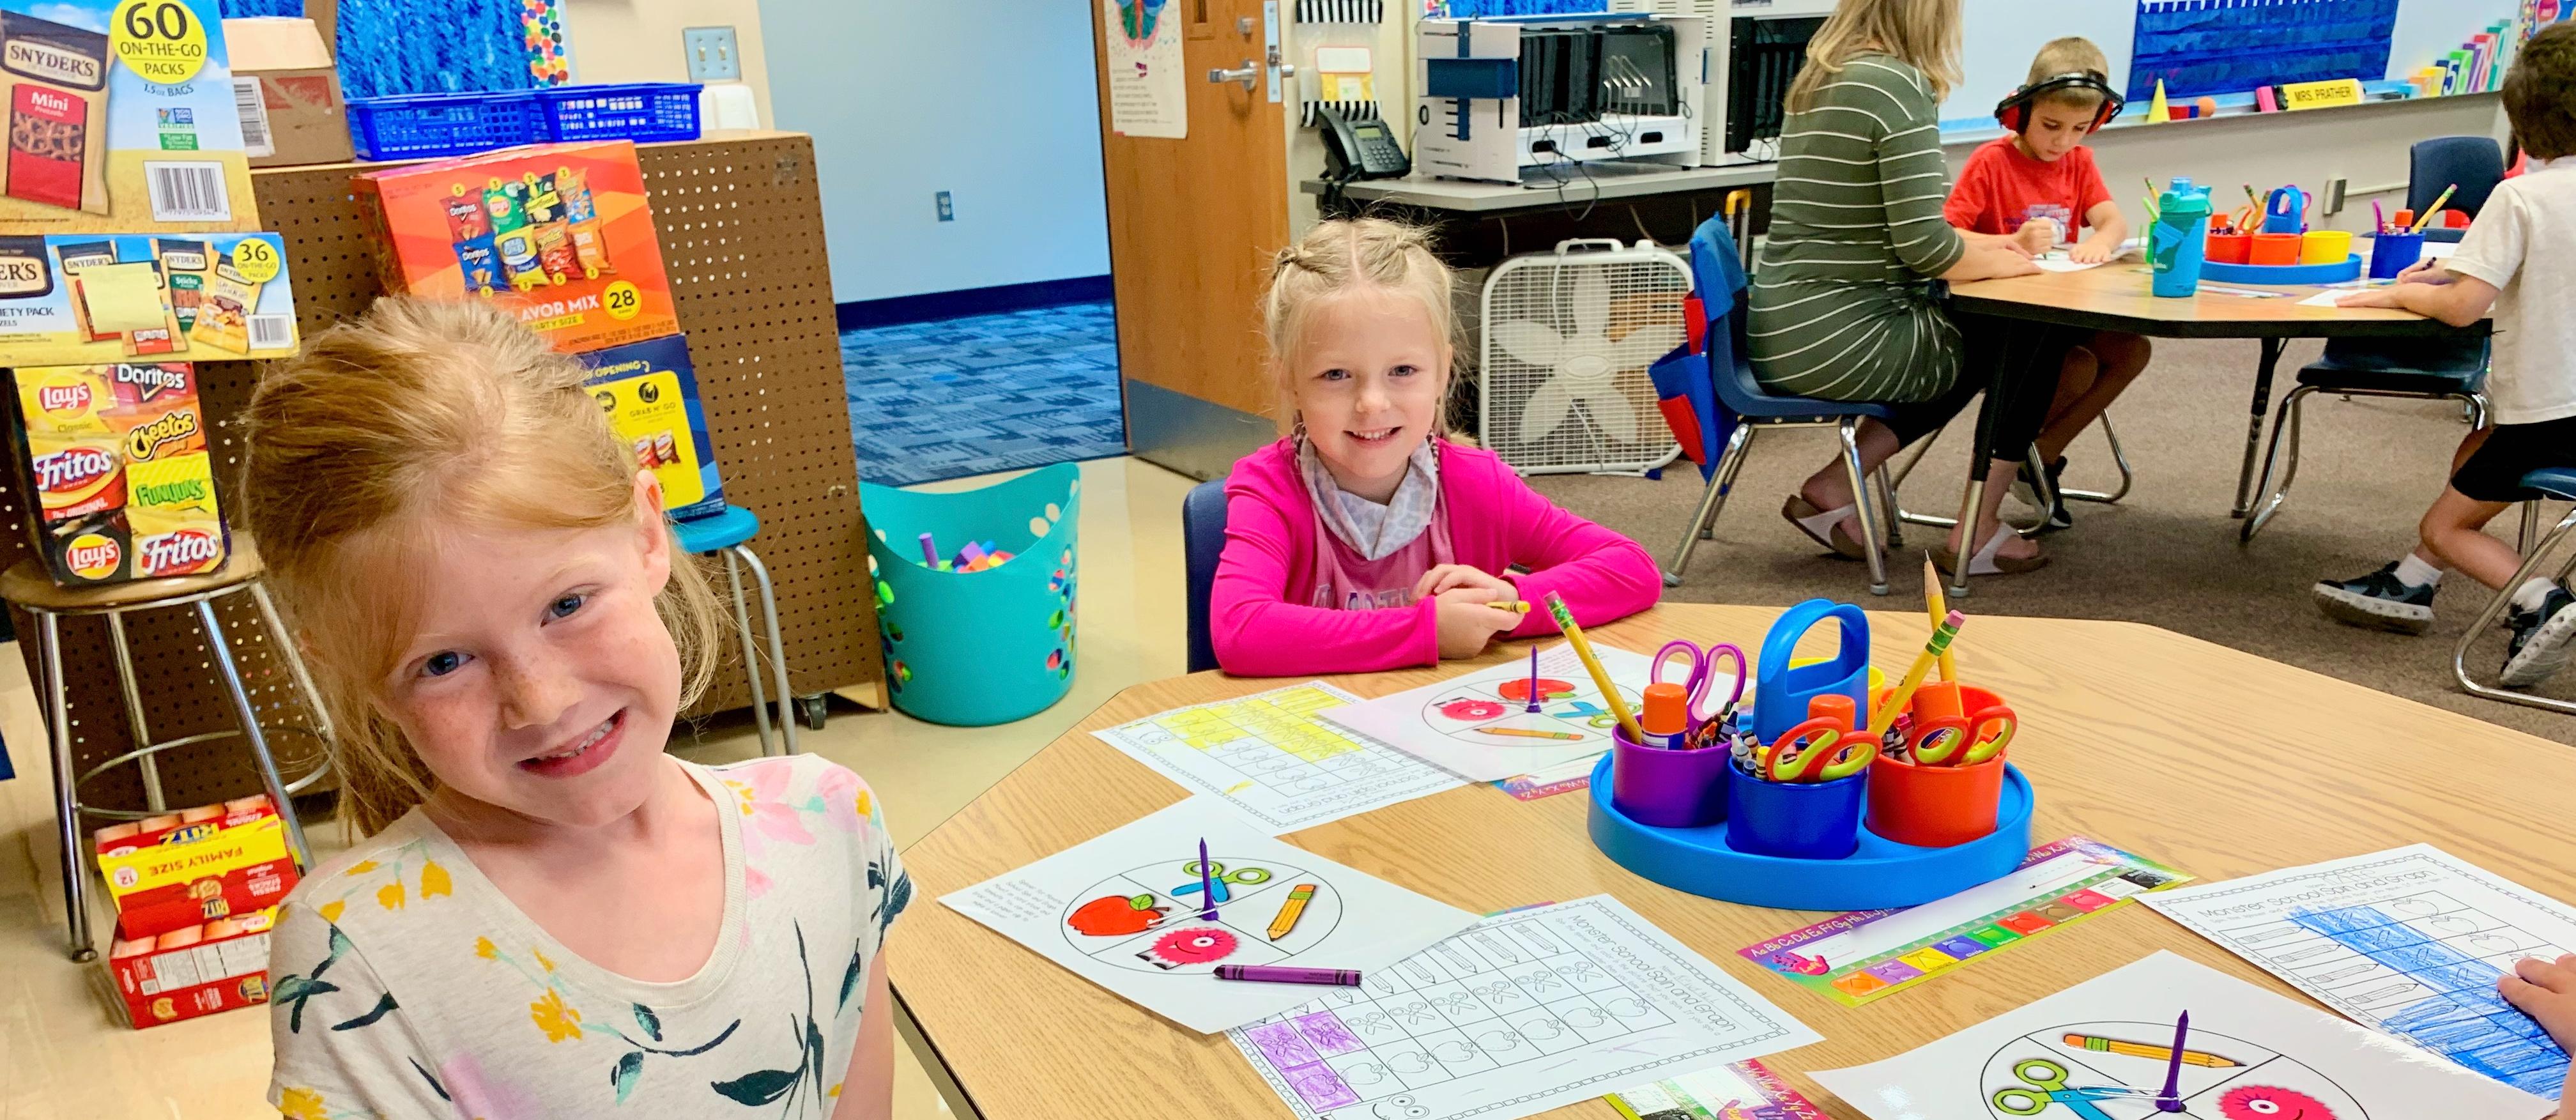 In Kindergarten, it's all smiles